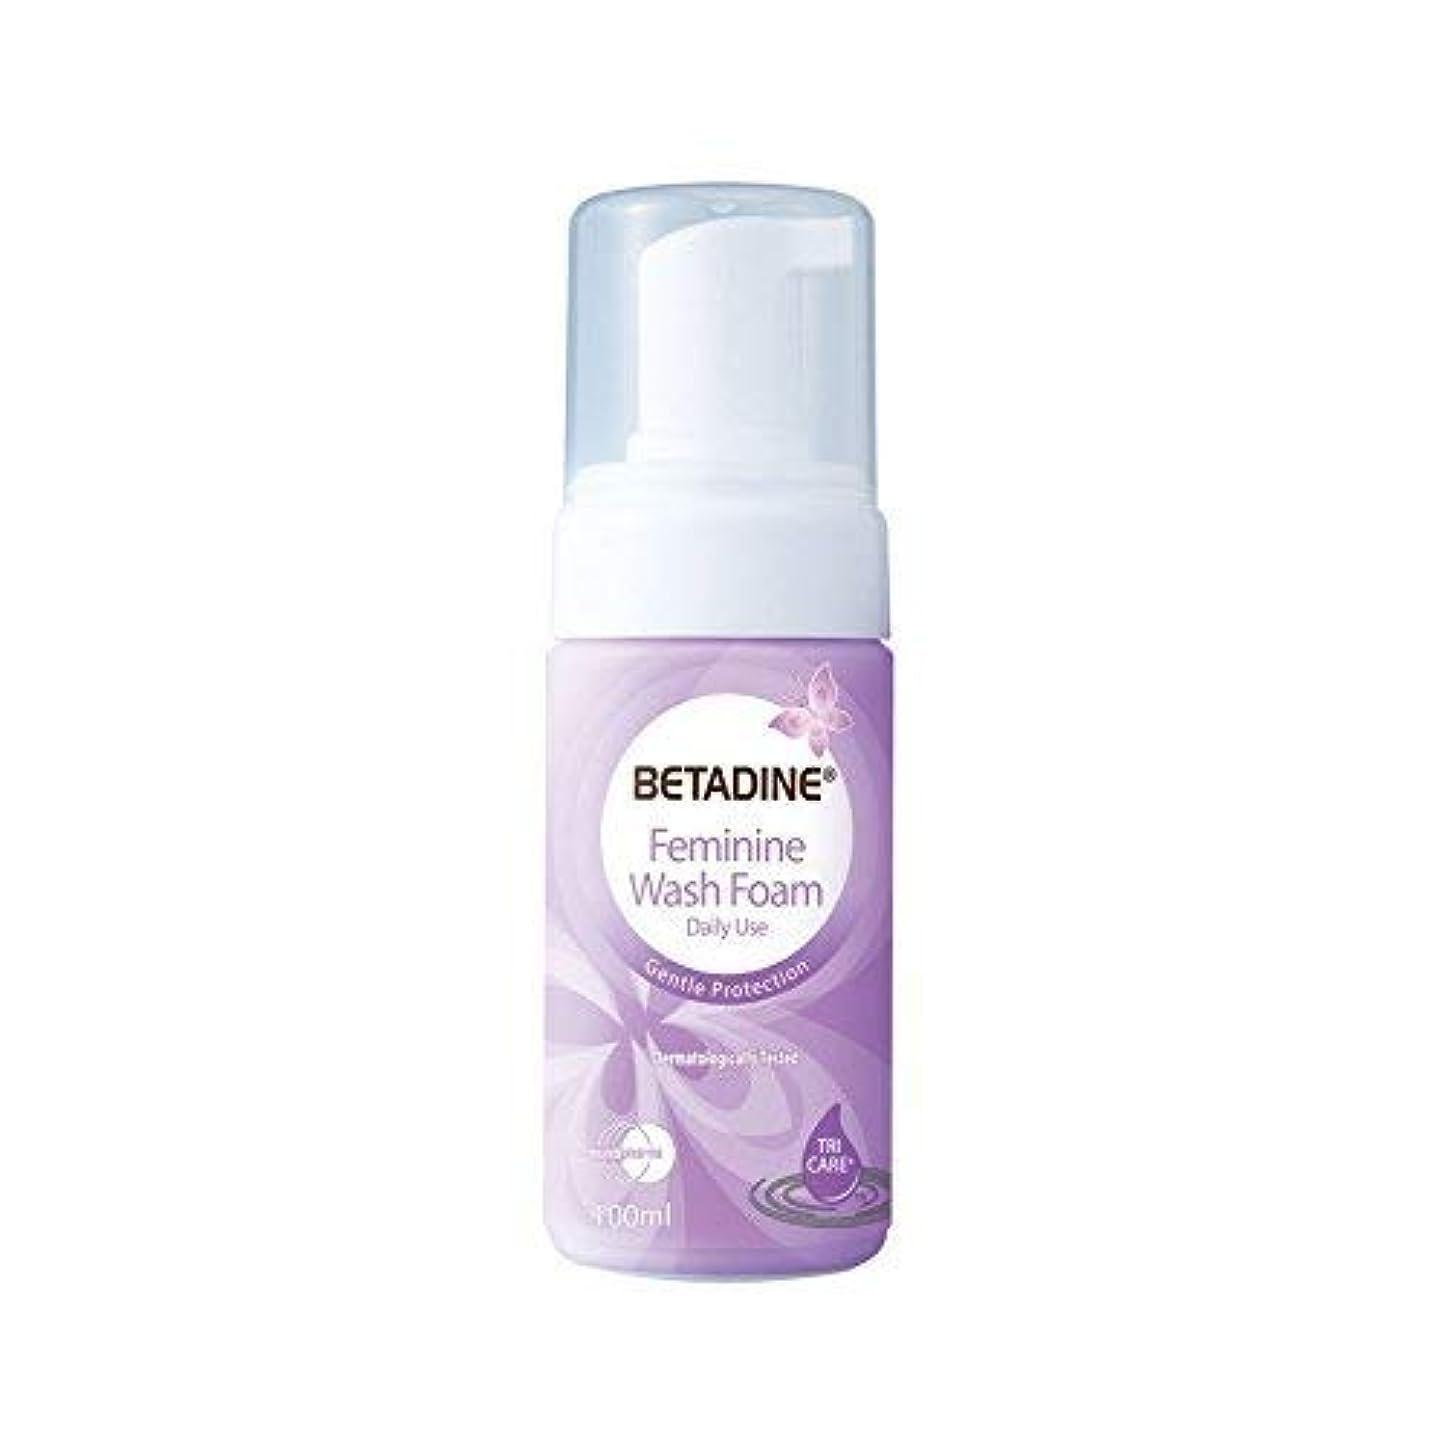 繰り返す代替案とBetadine Mの女性は、細菌の泡ポンプ100ml無愛想百ミリリットル、カビを除去するために洗浄しました